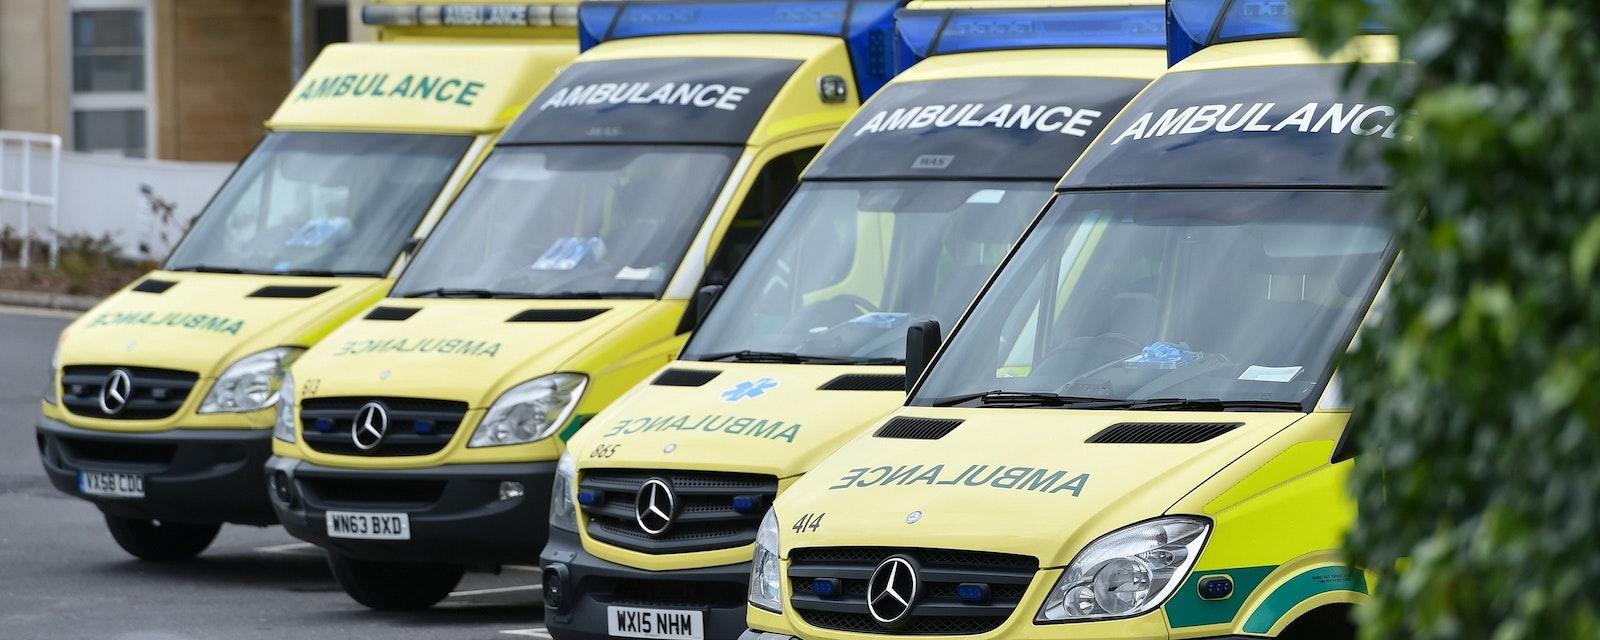 Bath,,Uk,-,February,10,,2015:,Ambulances,Wait,On,Standby